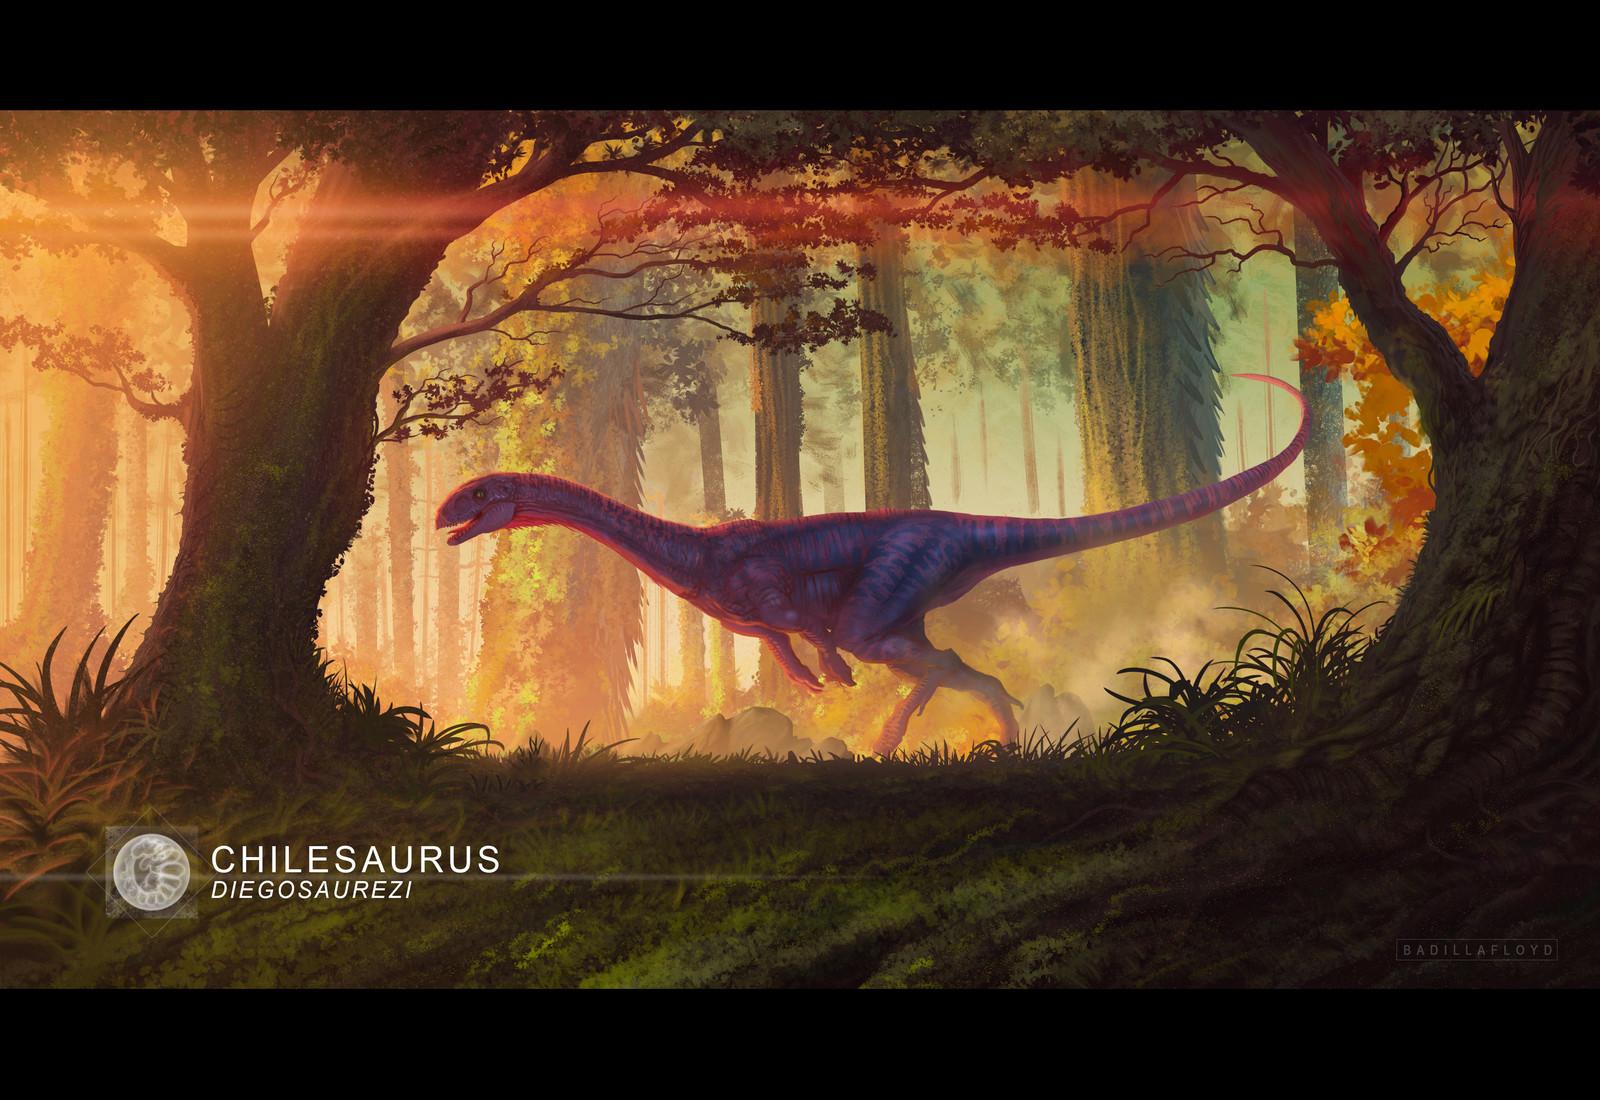 Chilesaurus Diegosaurezi